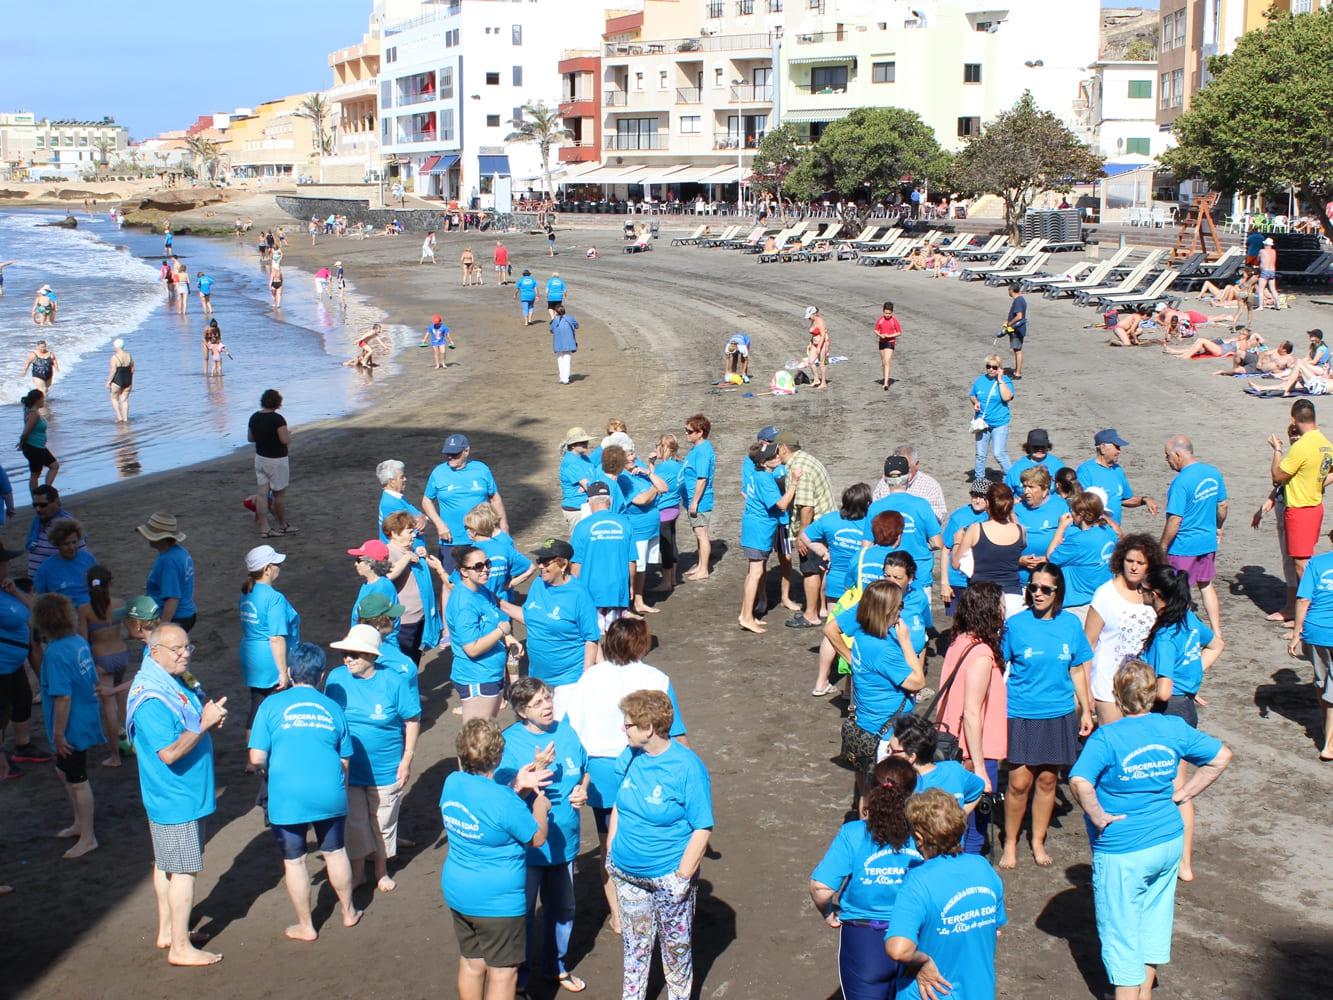 La gimnasia en la playa movilizó a más de 200 mayores este verano